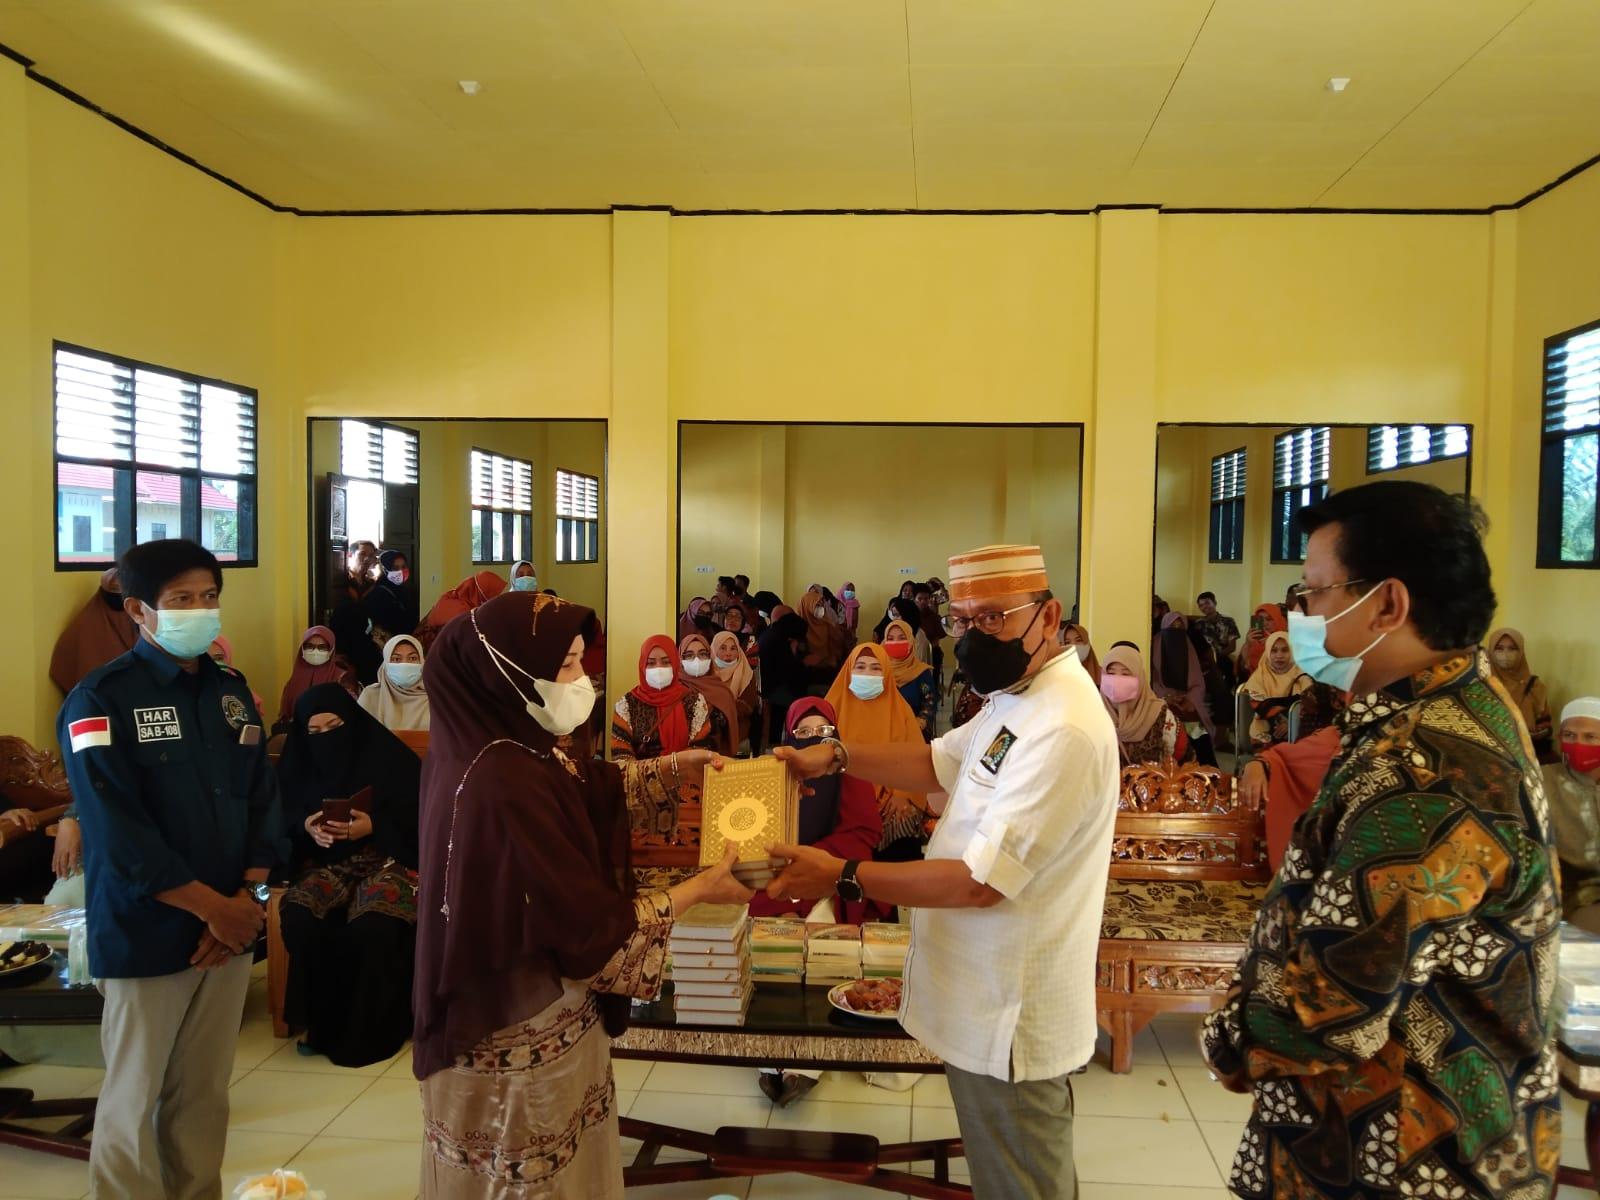 Gelar Seminar Kebangsaan, Ajiep Padindang Bahas Toleransi di Pesantren Darul I'Tihsam Jeneponto